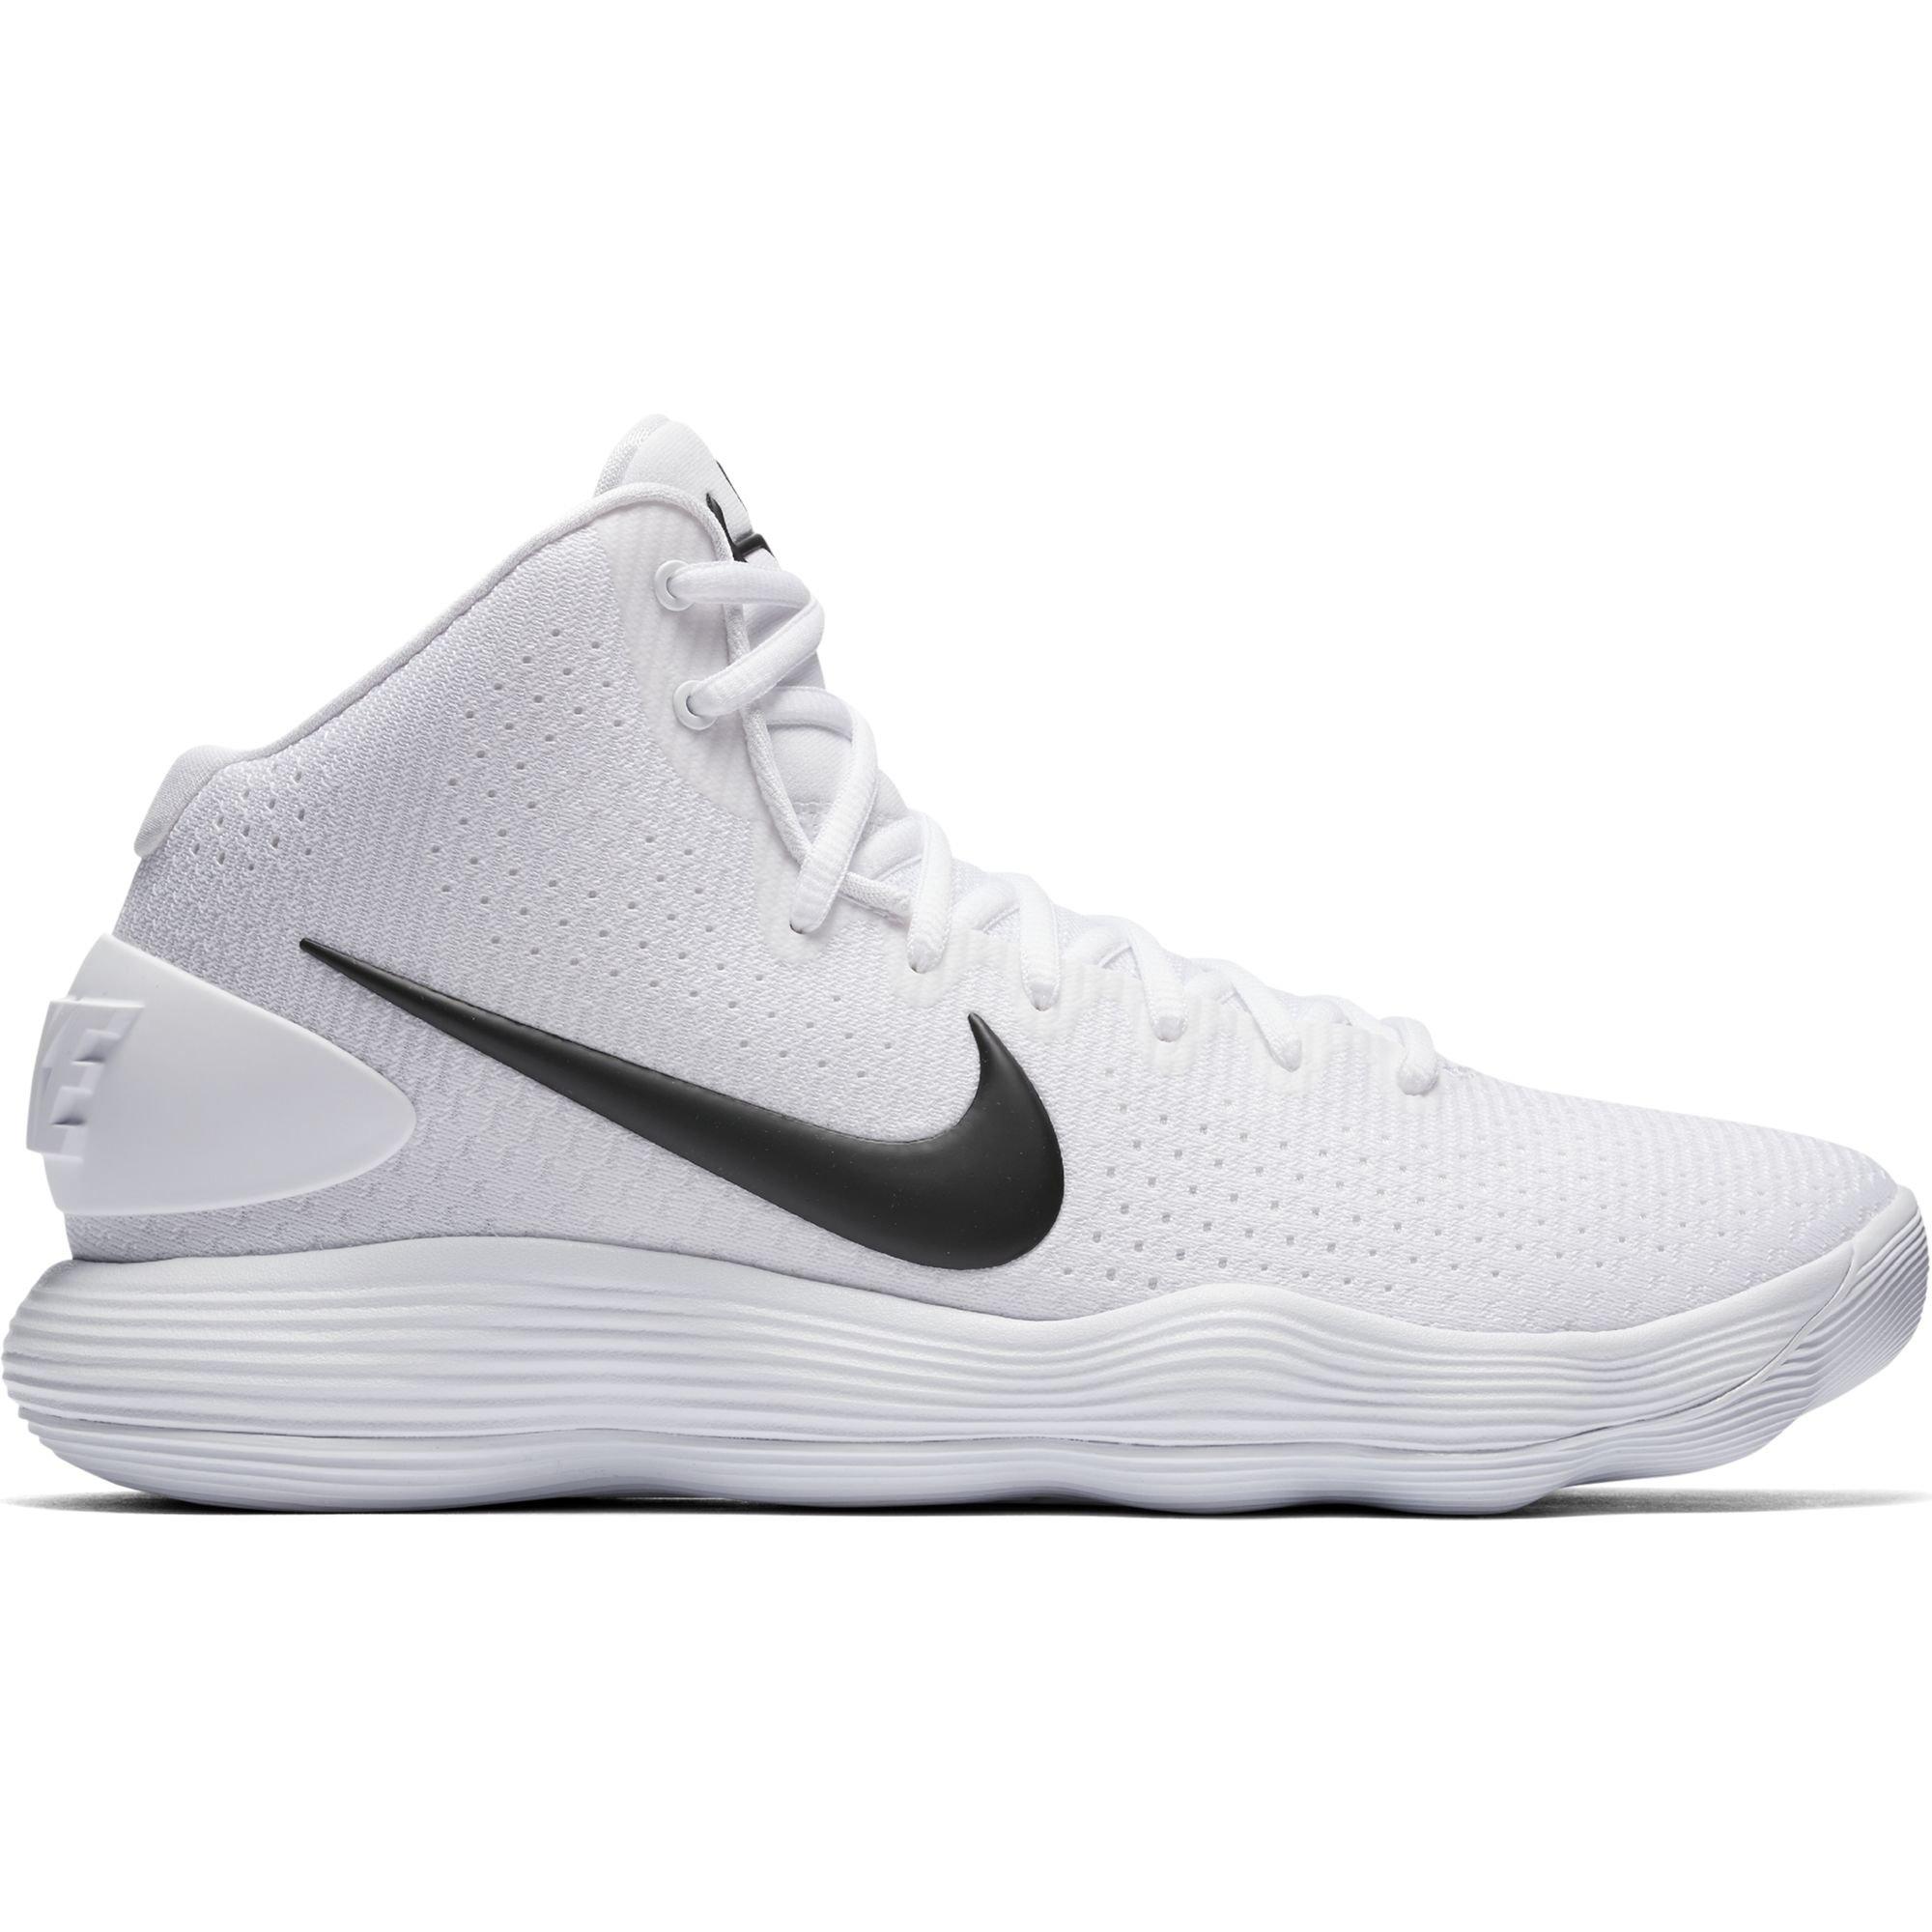 2fbb536b068 Galleon - Nike Men s Hyperdunk 2017 TB Basketball Shoe White Black Size  10.5 M US